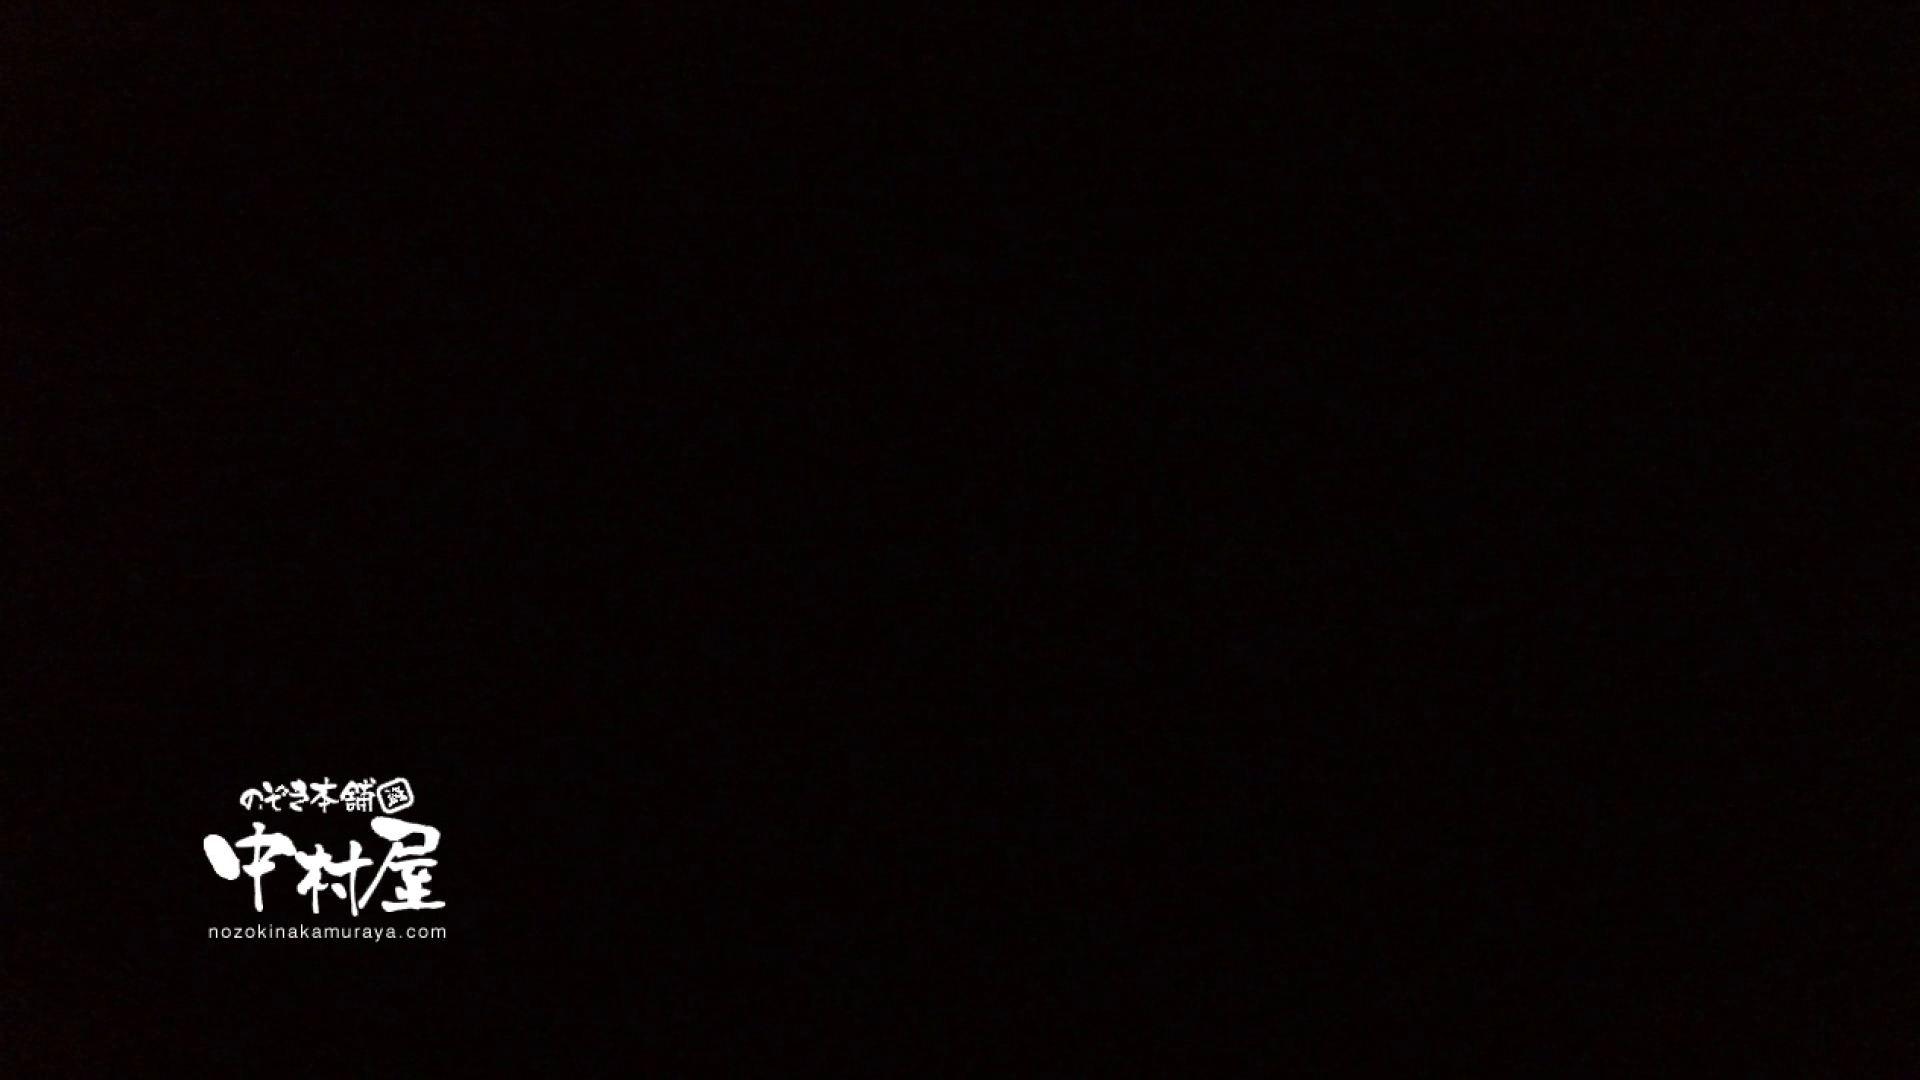 鬼畜 vol.10 あぁ無情…中出しパイパン! 前編 中出し オマンコ動画キャプチャ 57連発 39